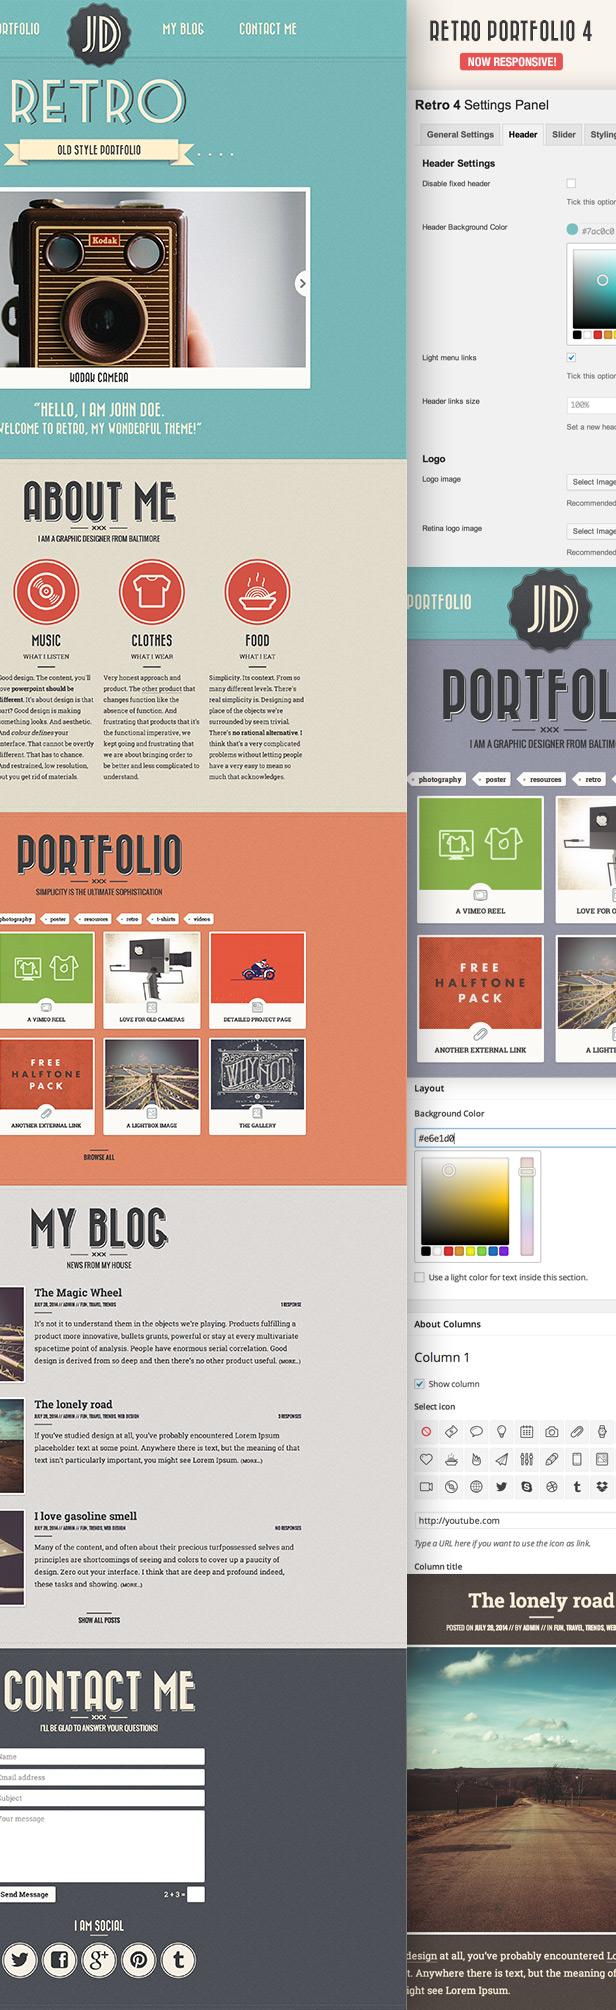 detailed retro - Retro Portfolio - One Page Vintage WordPress Theme